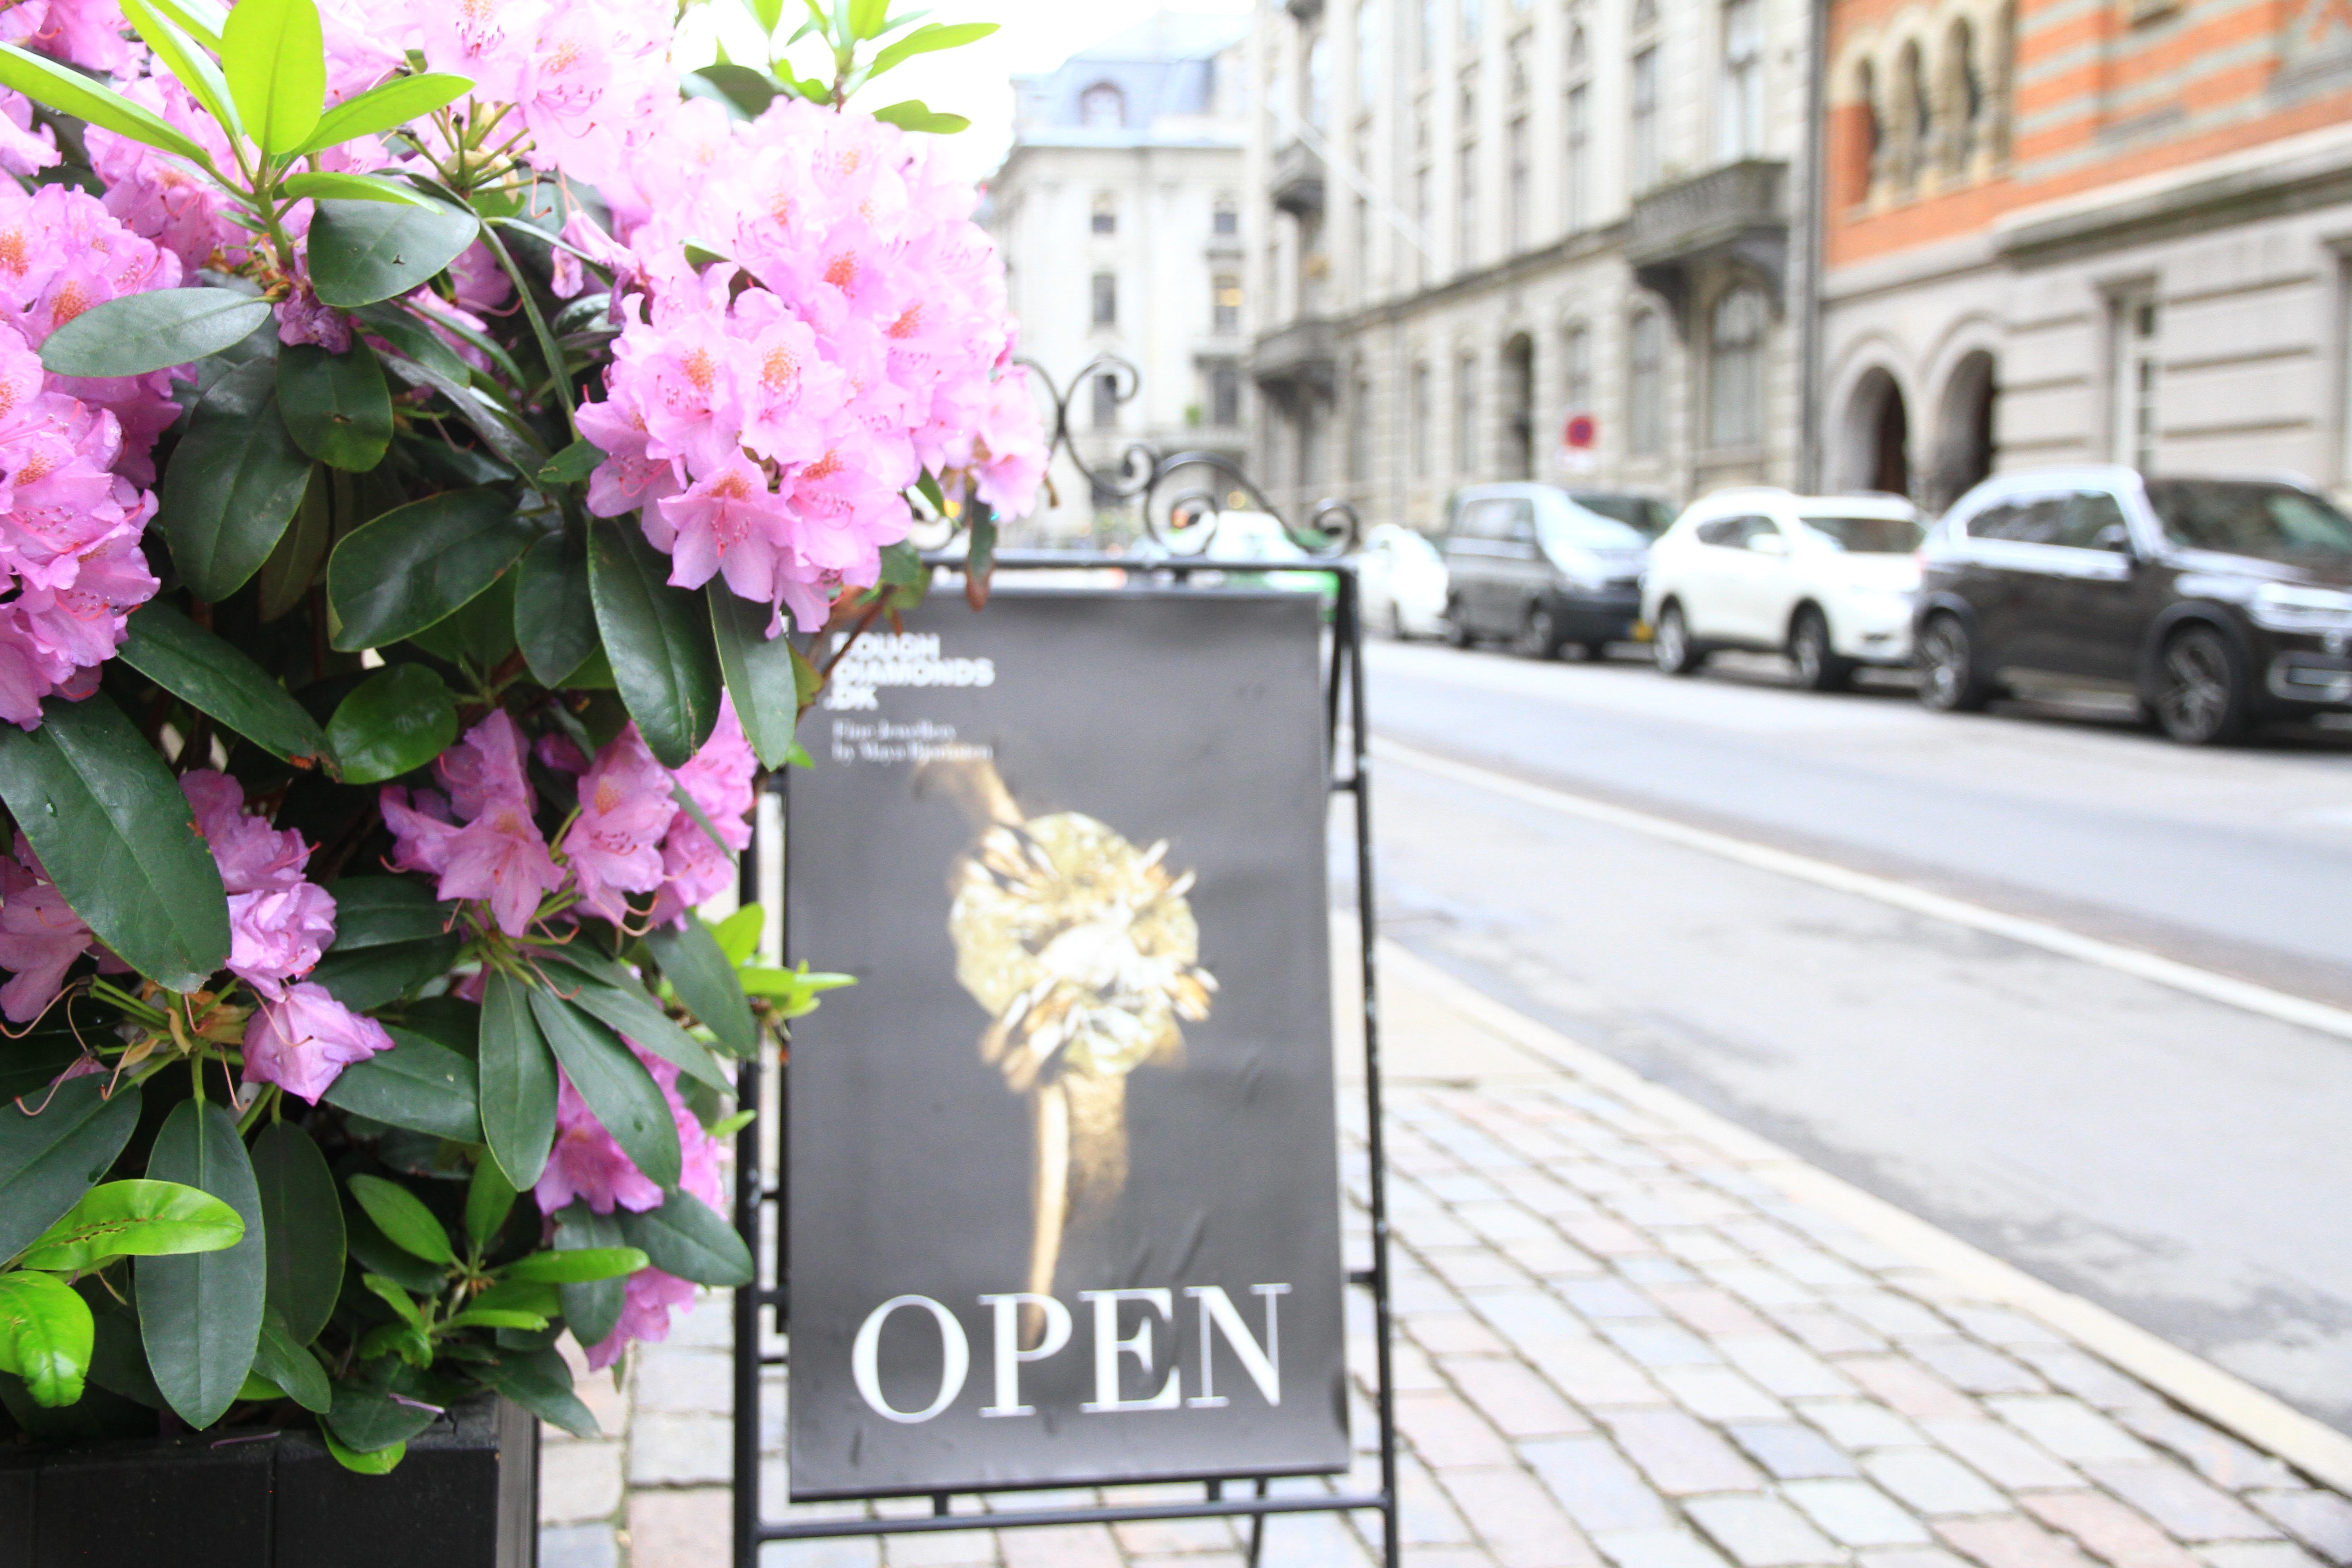 43、丹麦哥本哈根:新港酒吧街街景1